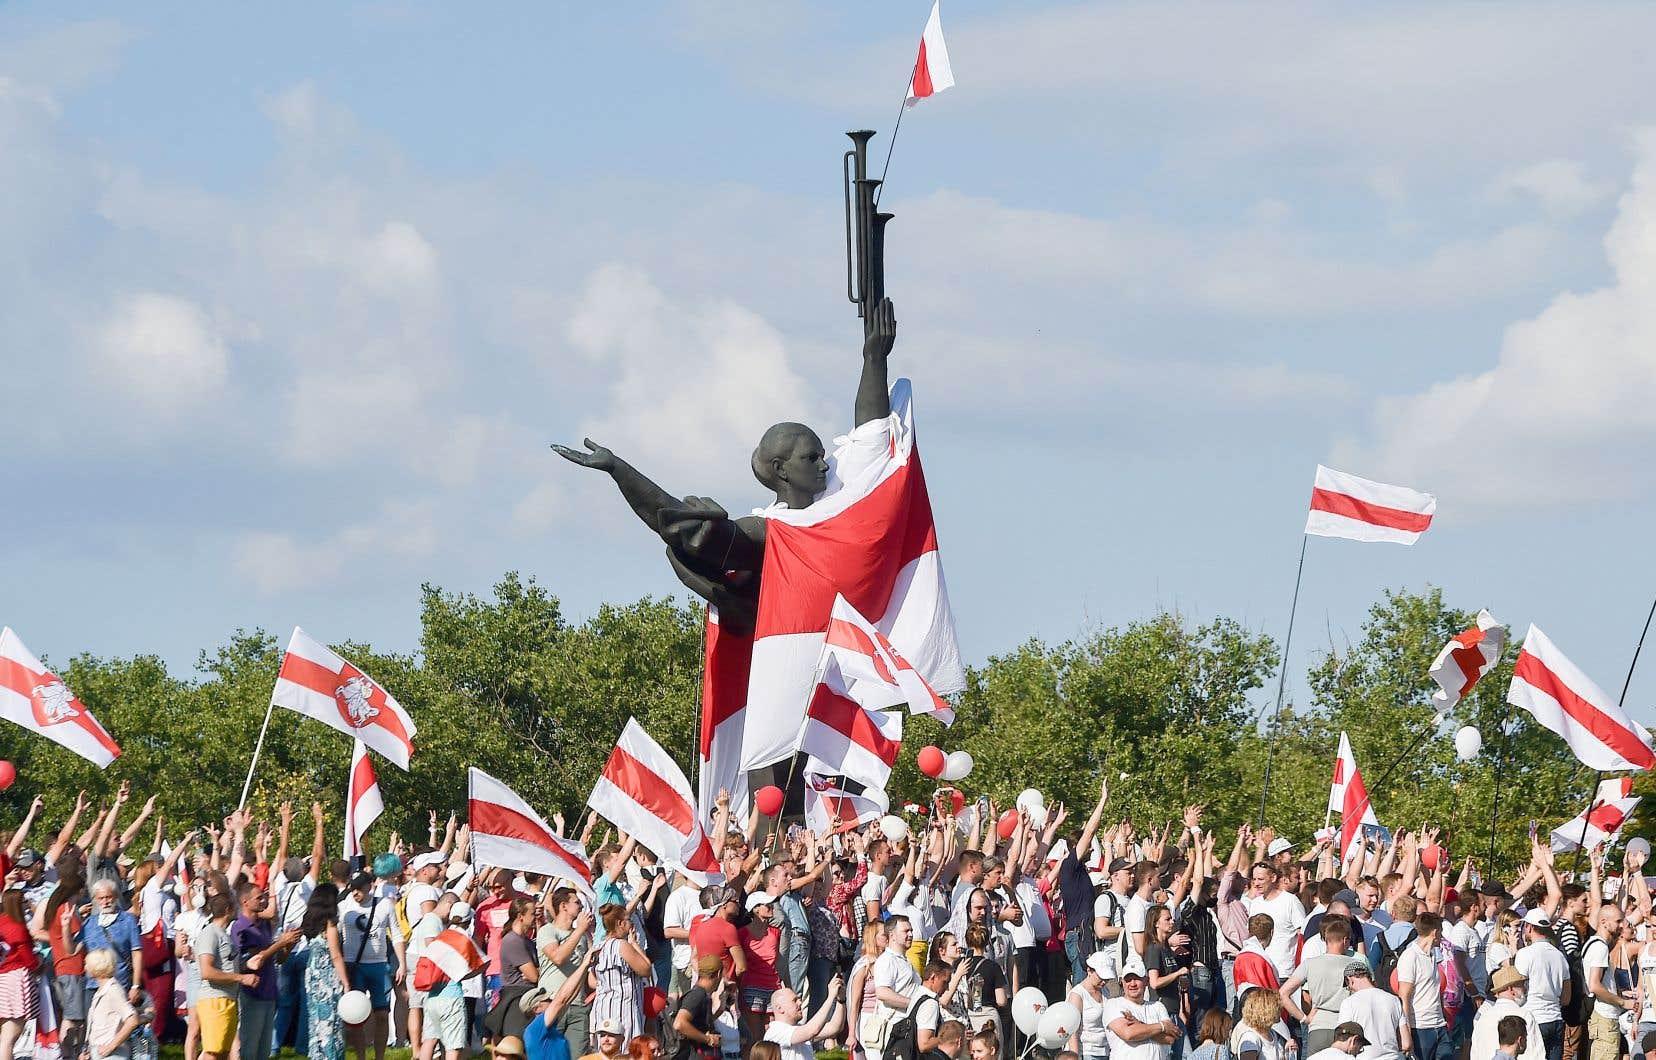 Des dizaines de milliers de personnes étaient réunies dimanche à Minsk pour exiger le départ du président Alexandre Loukachenko.